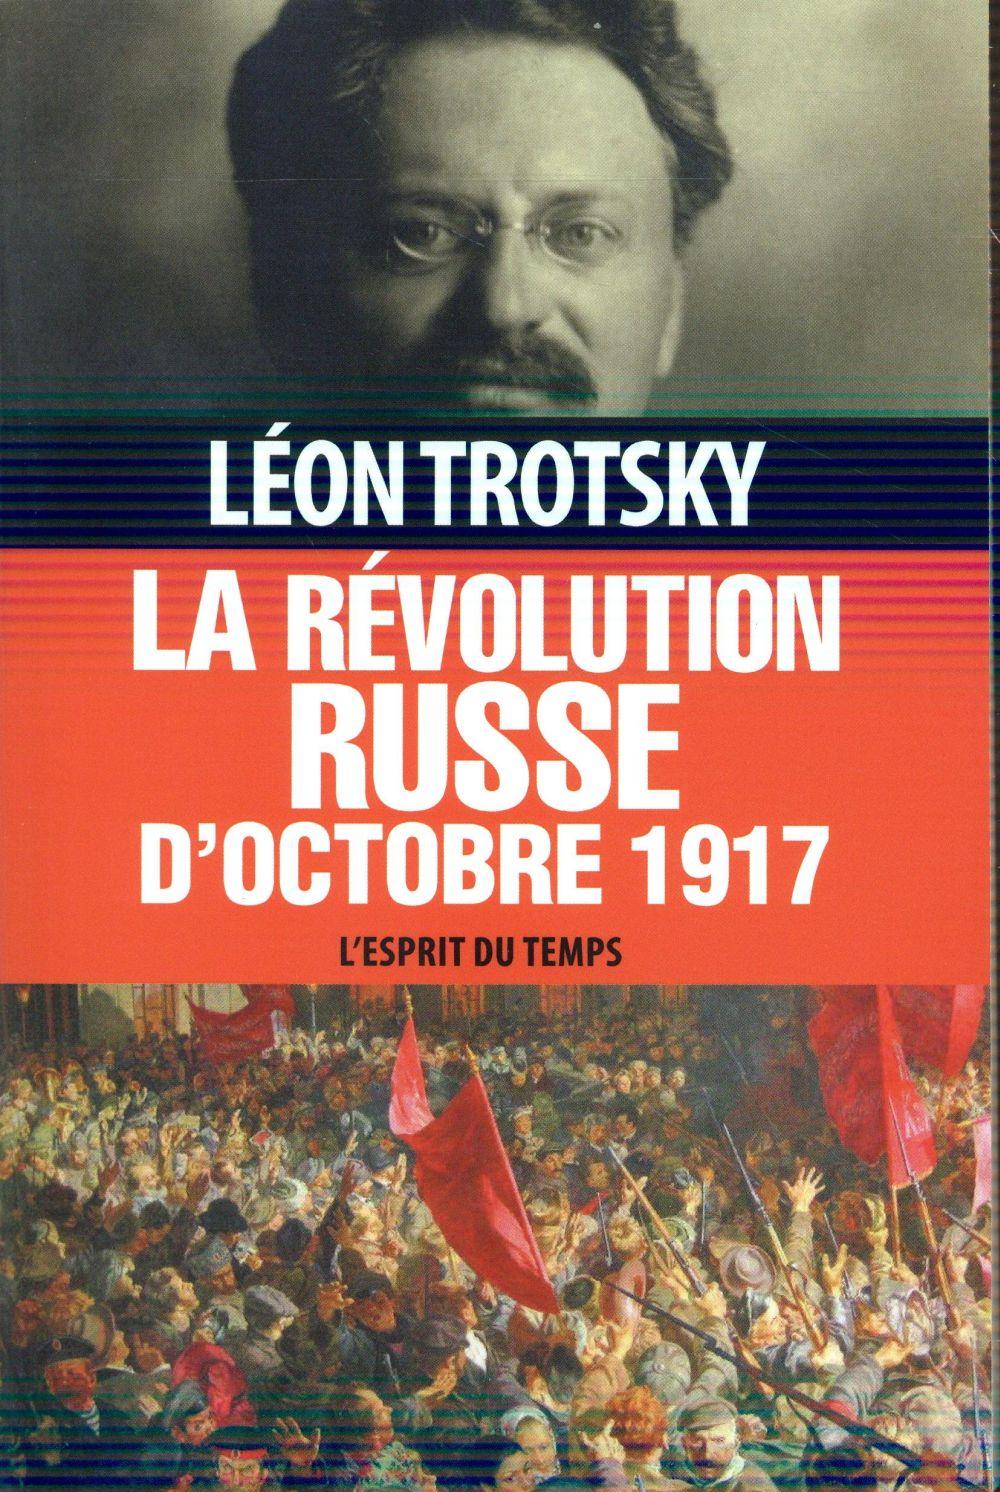 La révolution russe d'octobre 1917